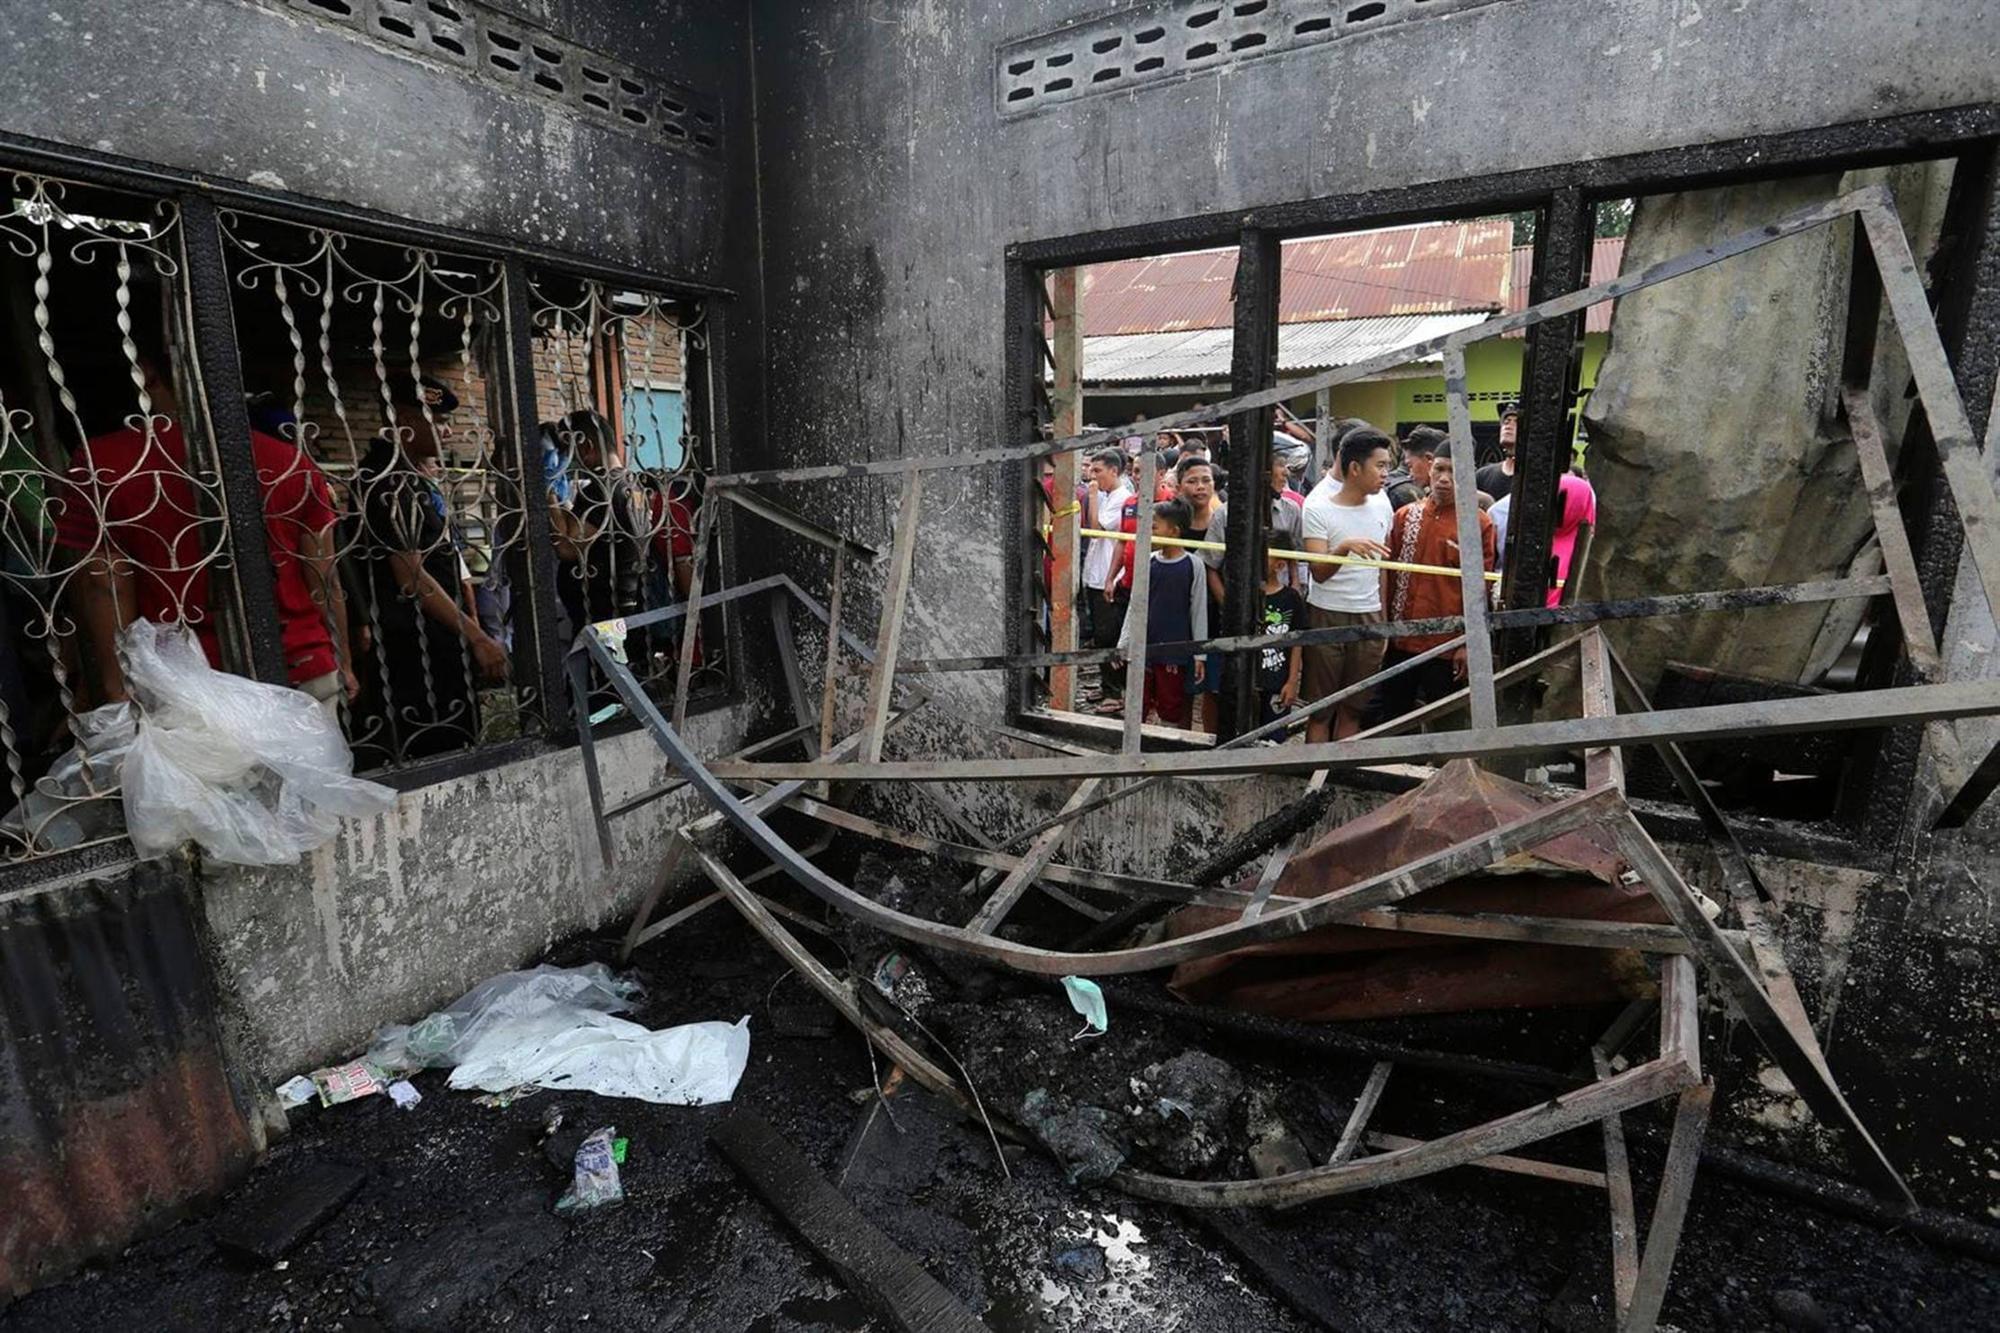 Nóng: Cháy xưởng sản xuất diêm ở Indonesia khiến ít nhất 30 người thiệt mạng, trong đó có 3 trẻ em, hiện trường hỏa hoạn gây ám ảnh-2